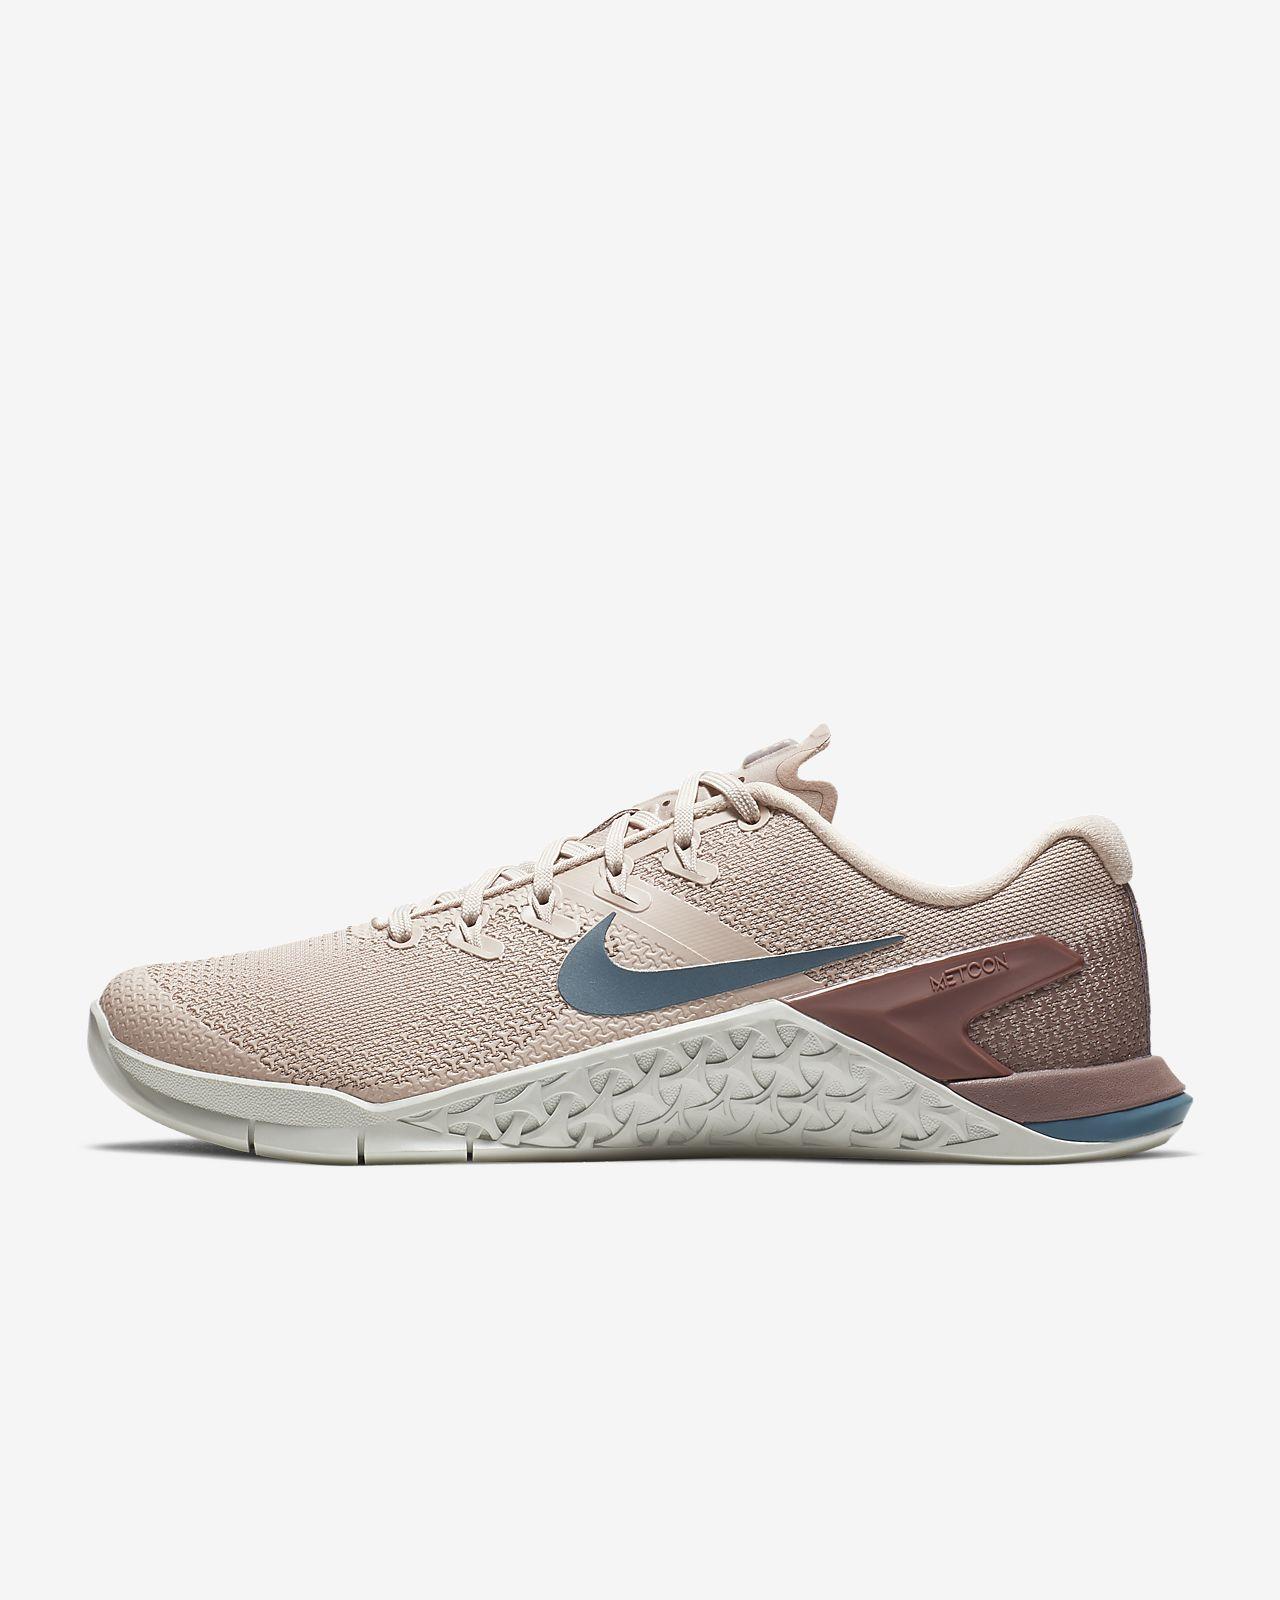 รองเท้าครอสเทรนนิ่ง/ยกน้ำหนักผู้หญิง Nike Metcon 4